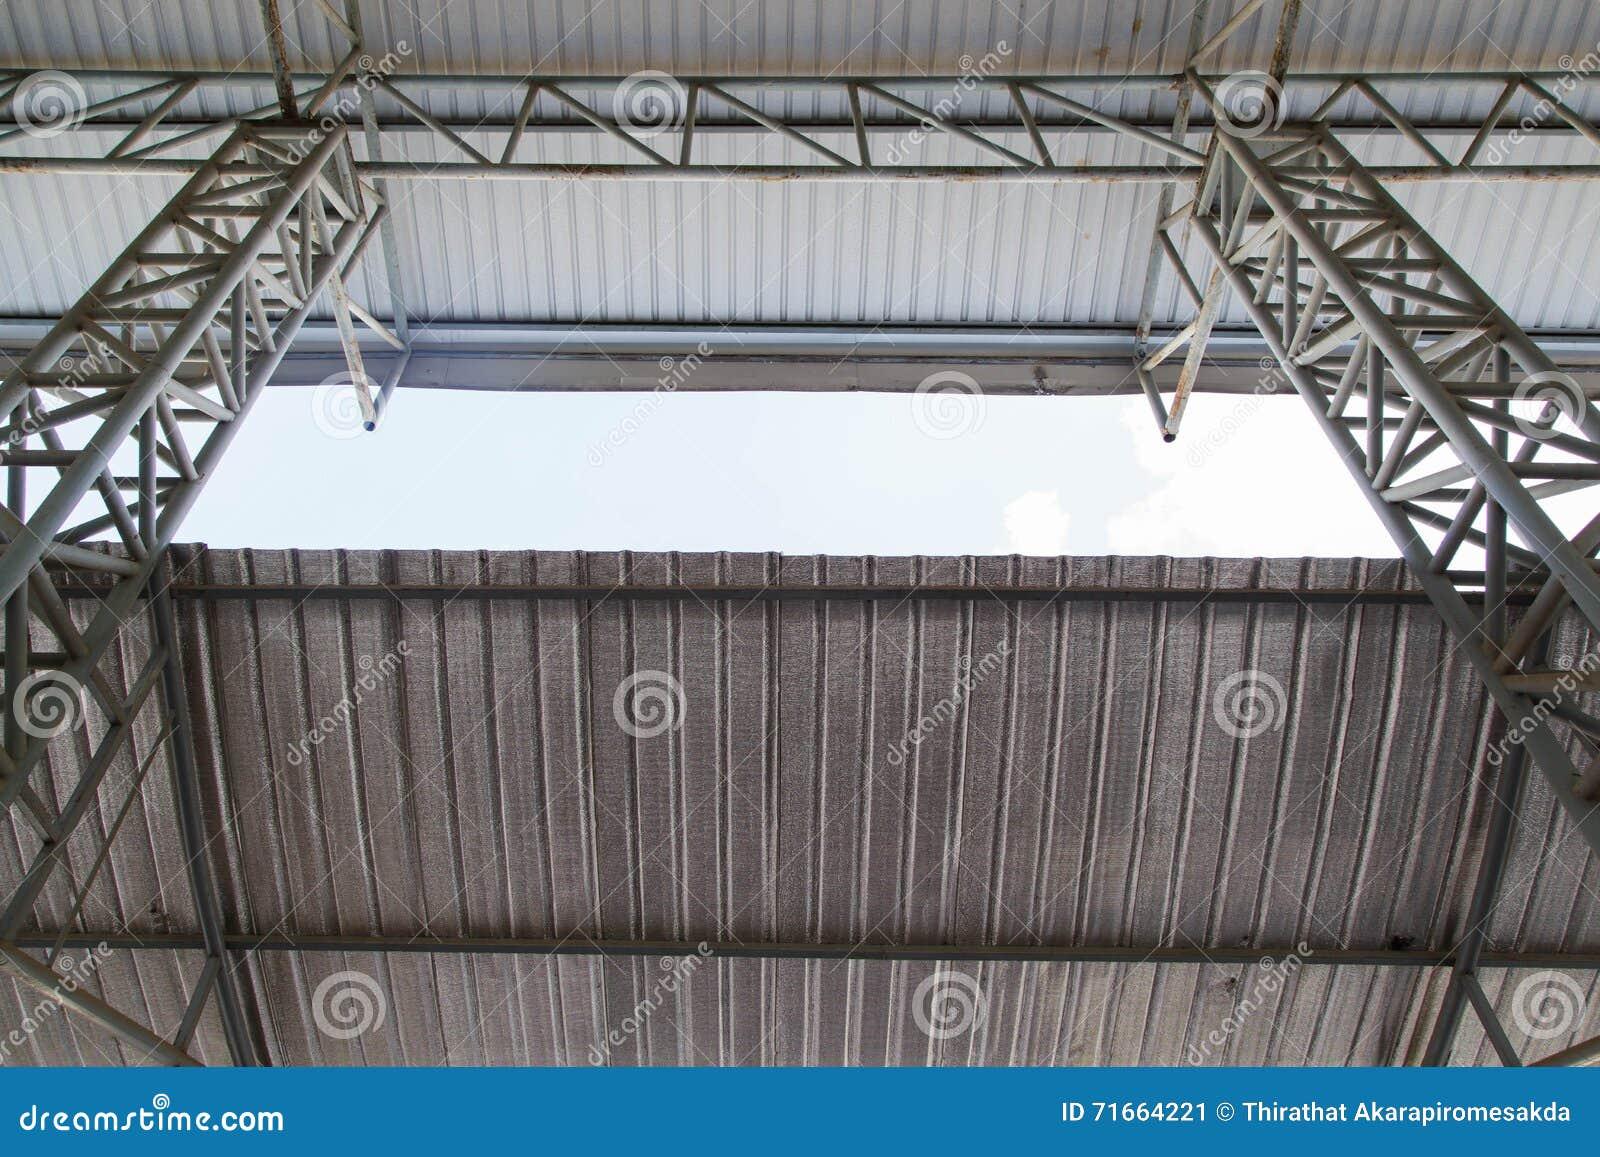 Stahlrahmenkonstruktion Stockfoto - Bild: 71664221